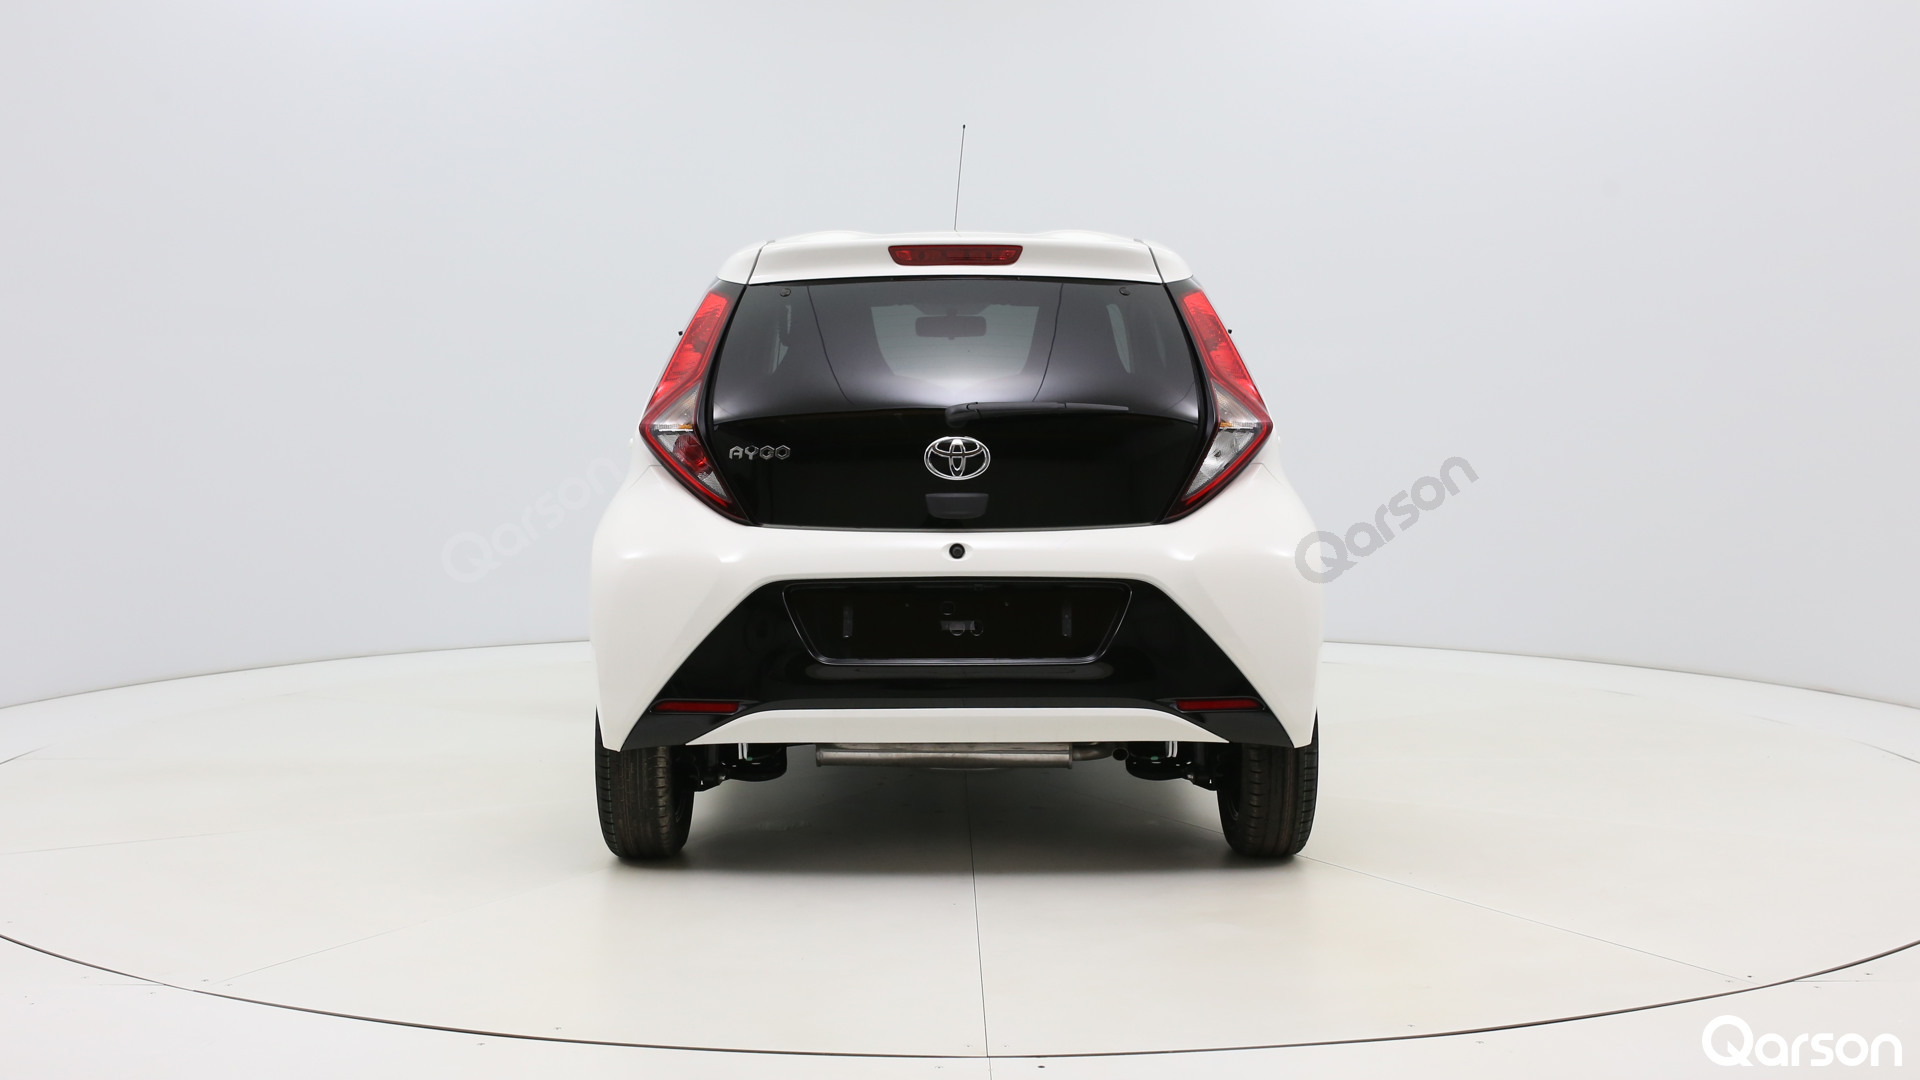 Toyota Aygo 5D Widok tyłu auta